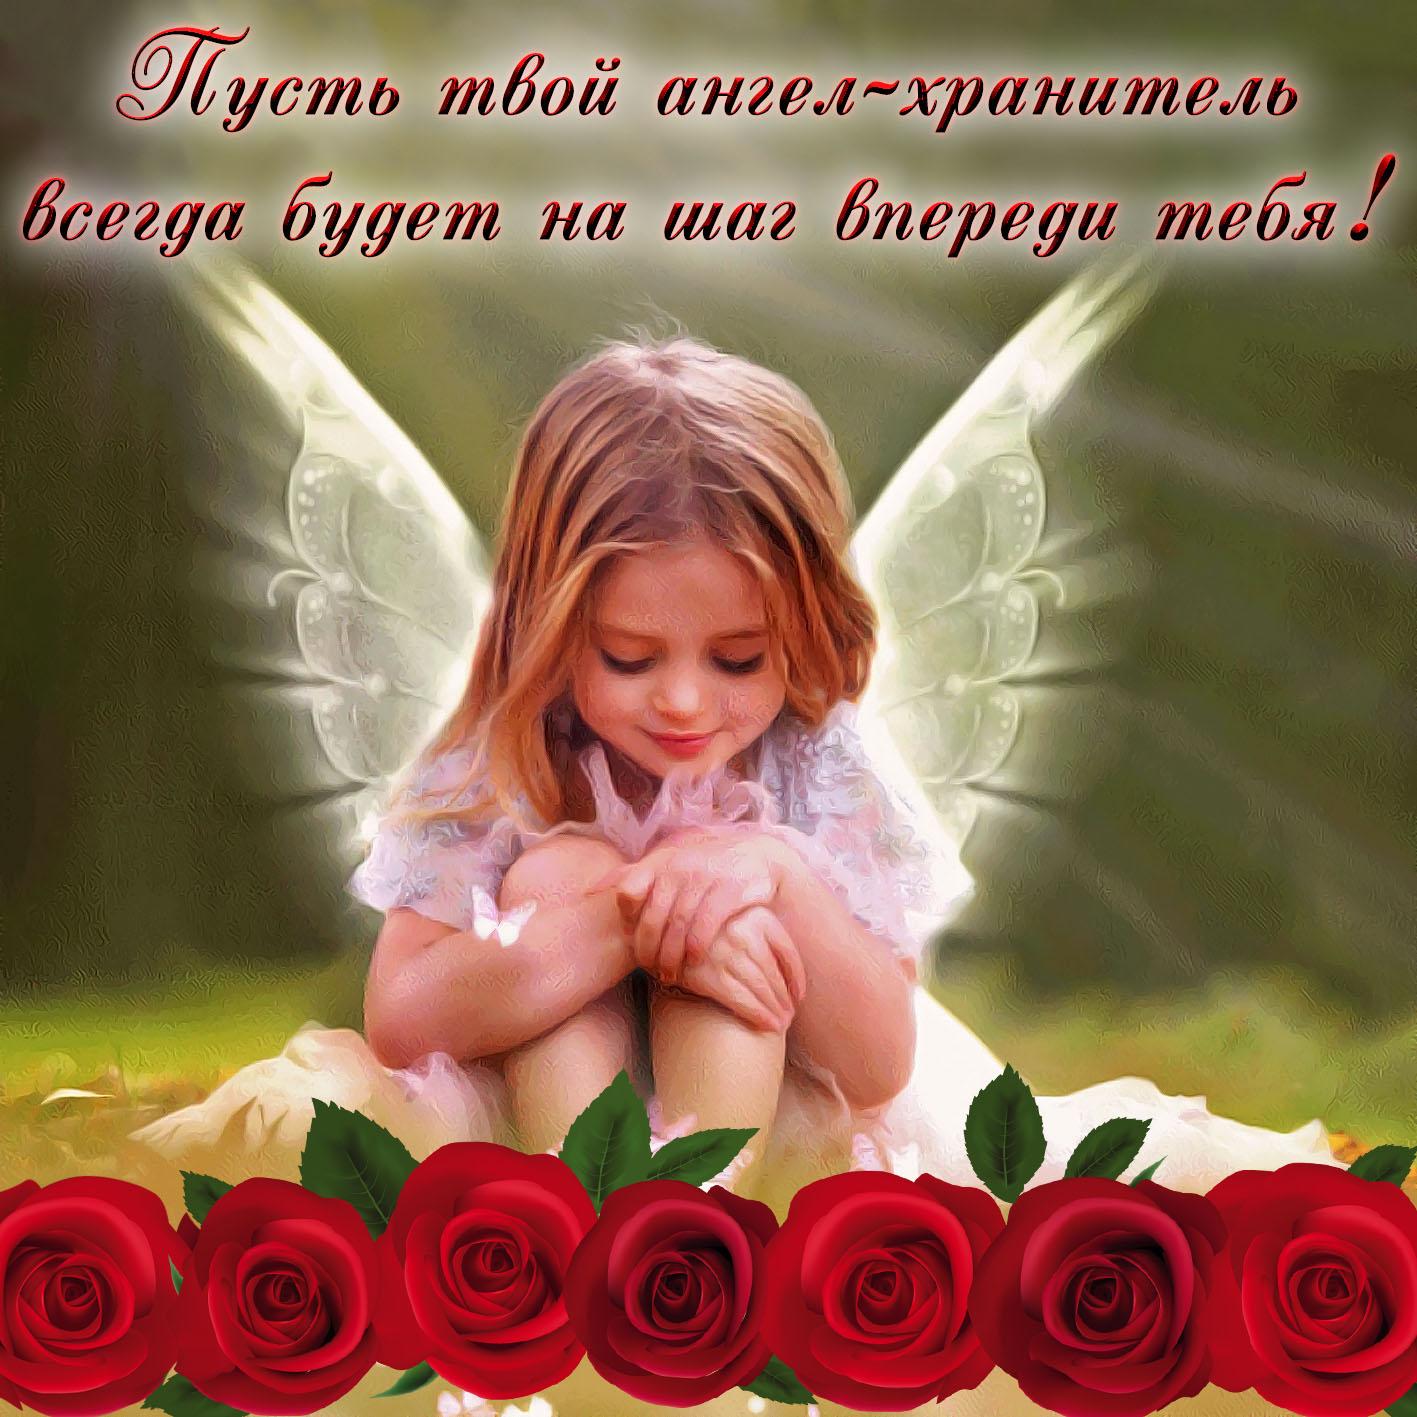 Дню местного, картинки храни тебя ангел хранитель